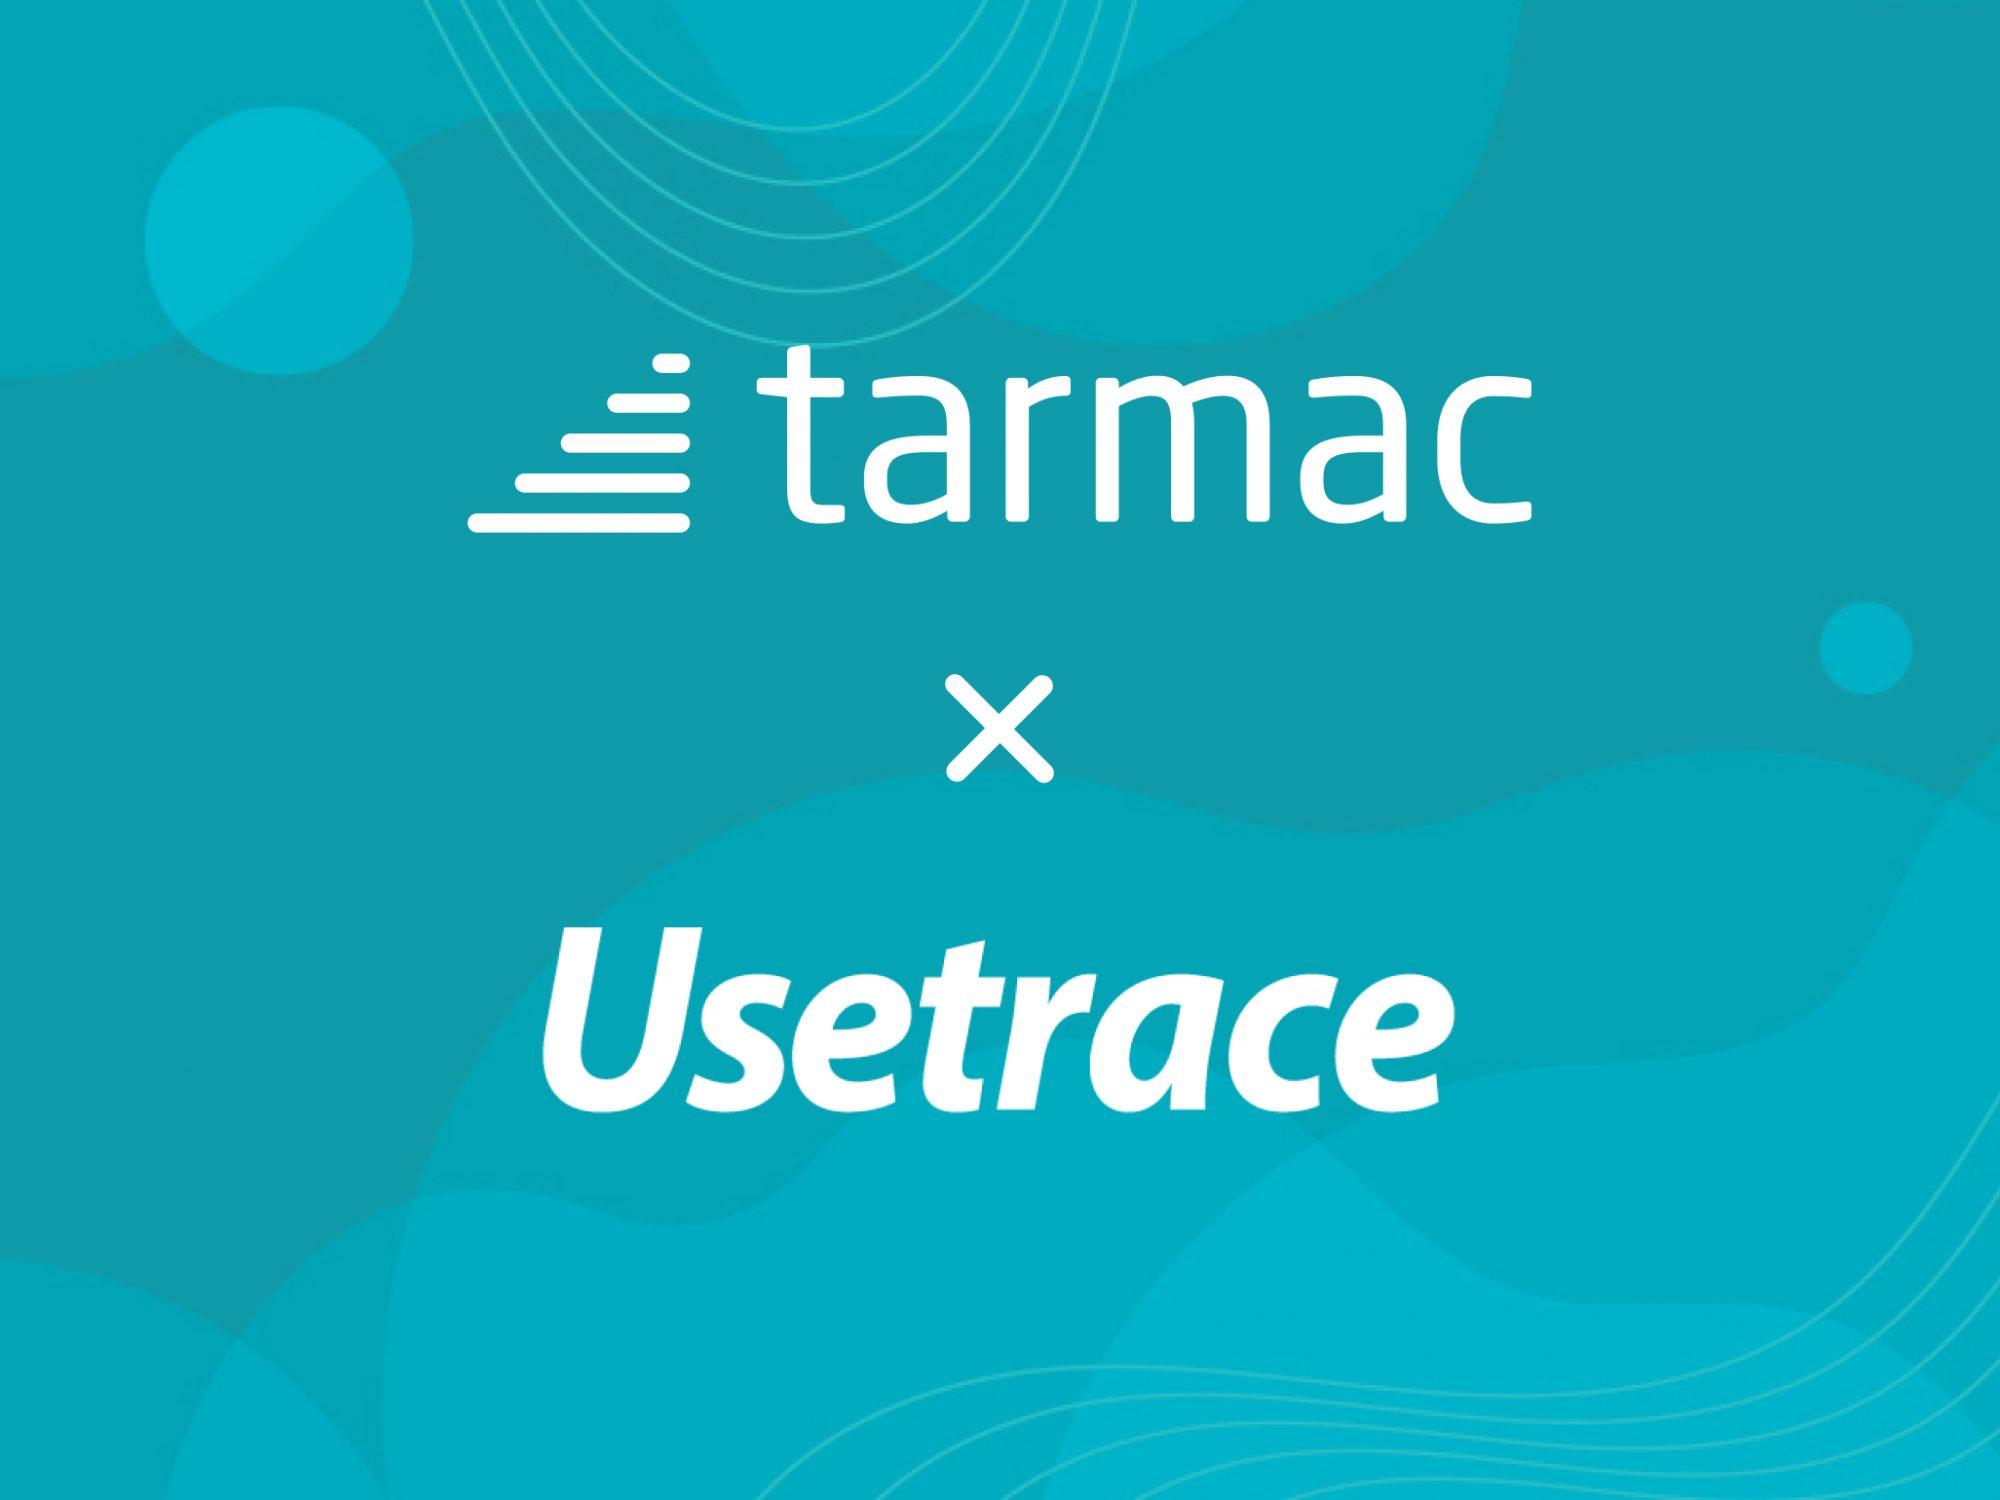 Tarmac and Usetrace company logos